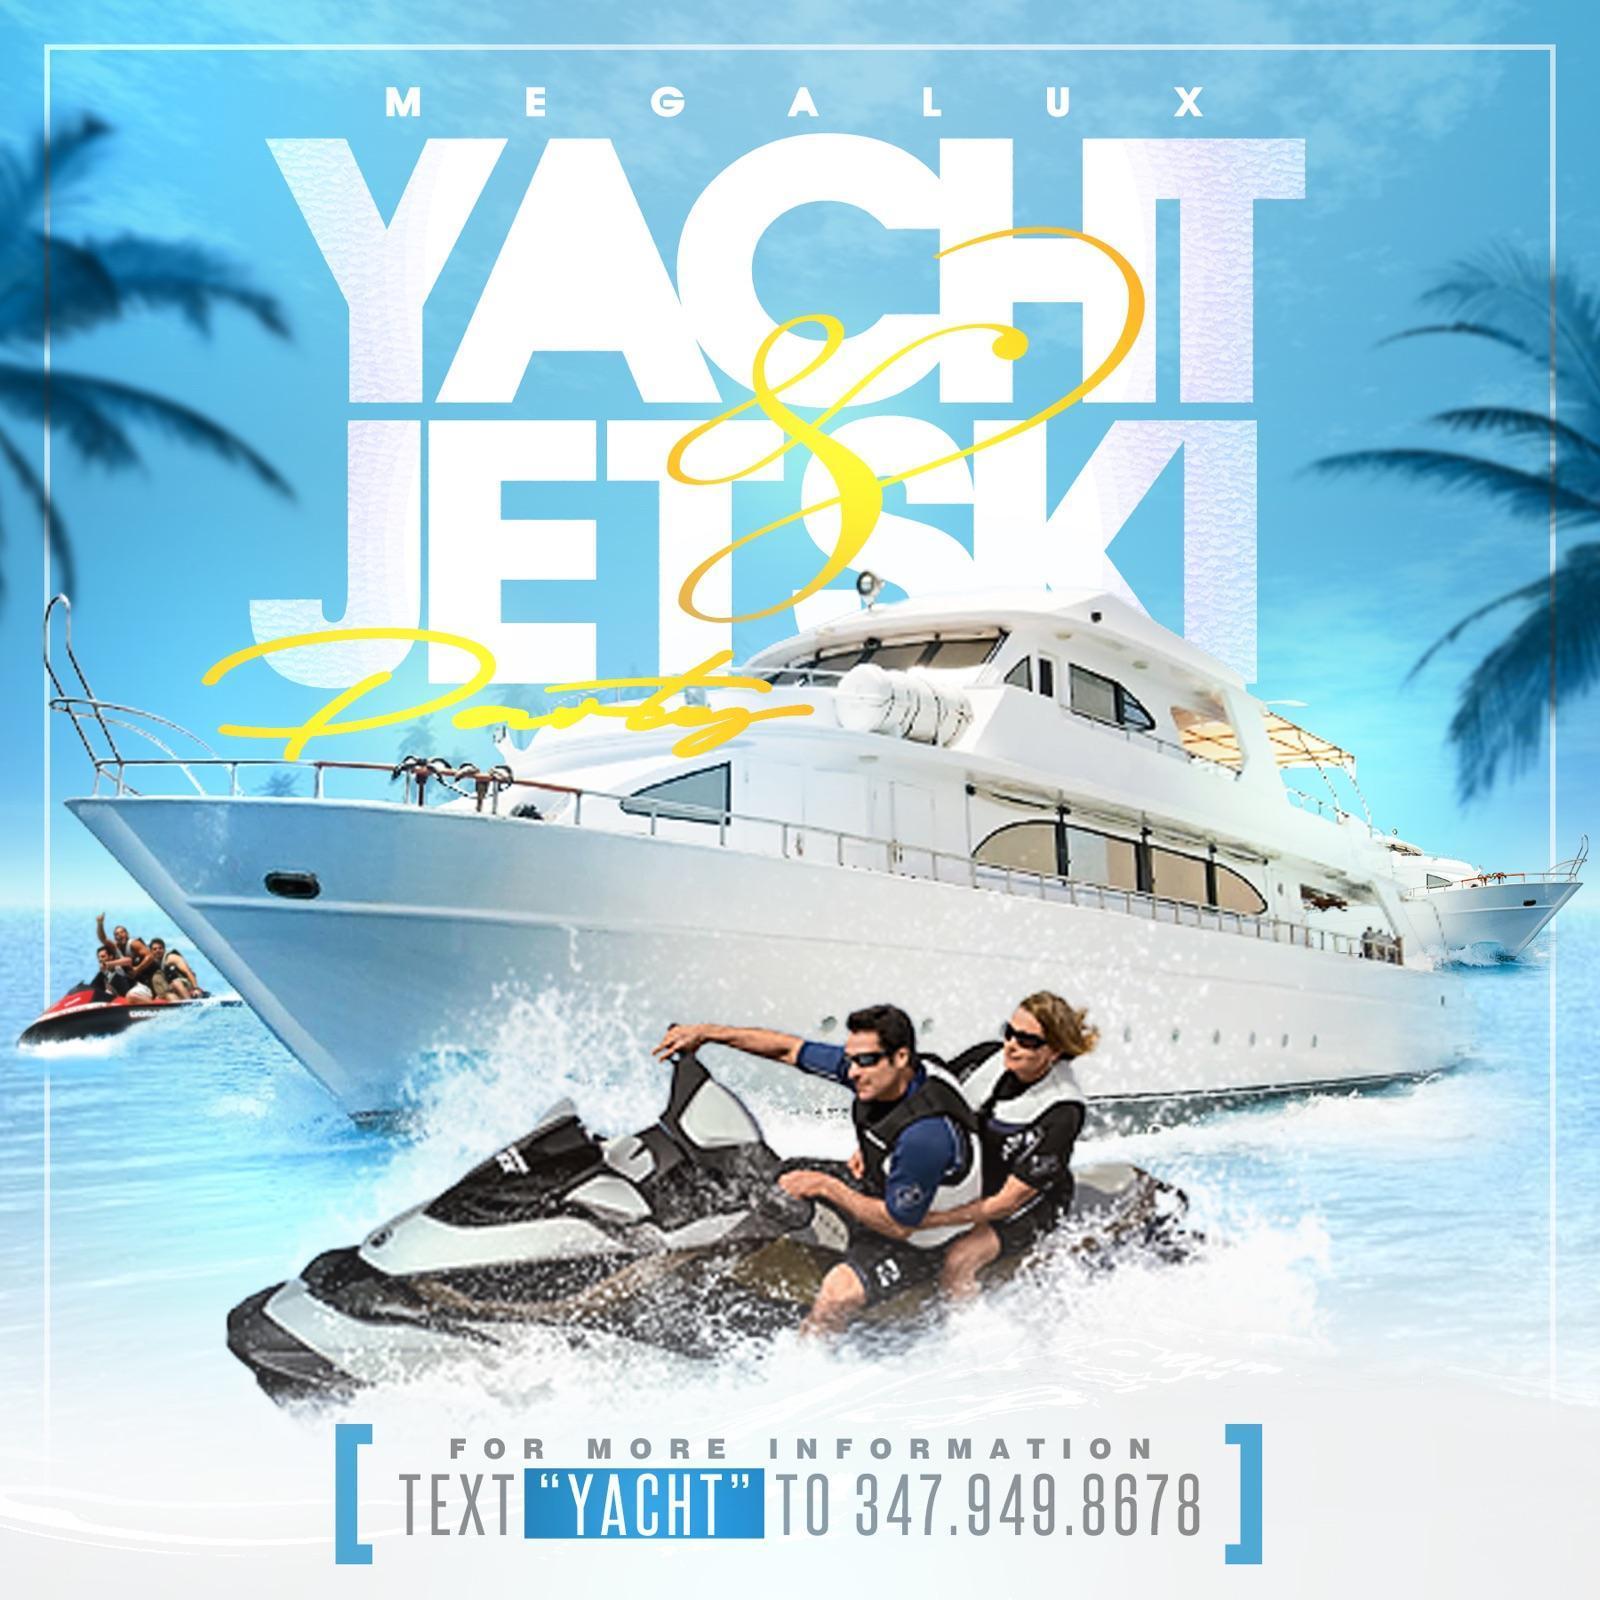 SouthBeach Yacht & Jet Ski Party. SouthBeach Yacht & Jet Ski Party